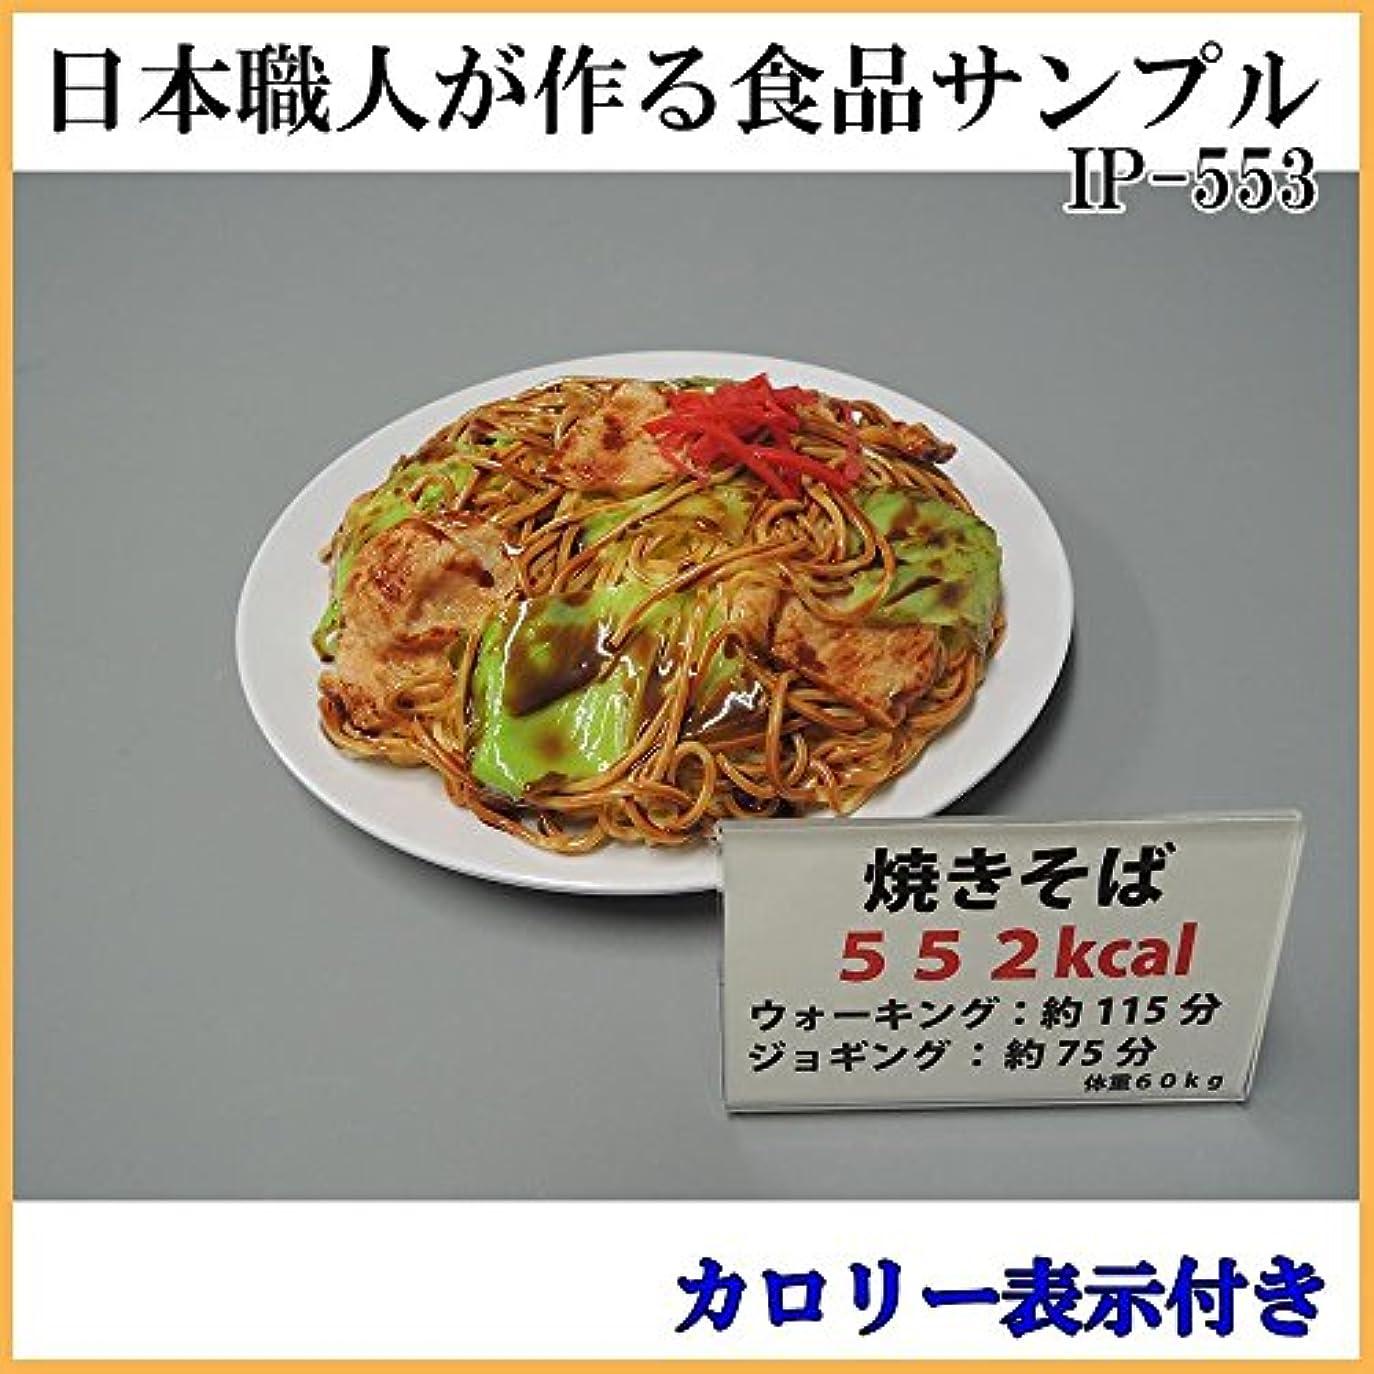 特徴勉強する科学者日本職人が作る 食品サンプル カロリー表示付き 焼きそば IP-553